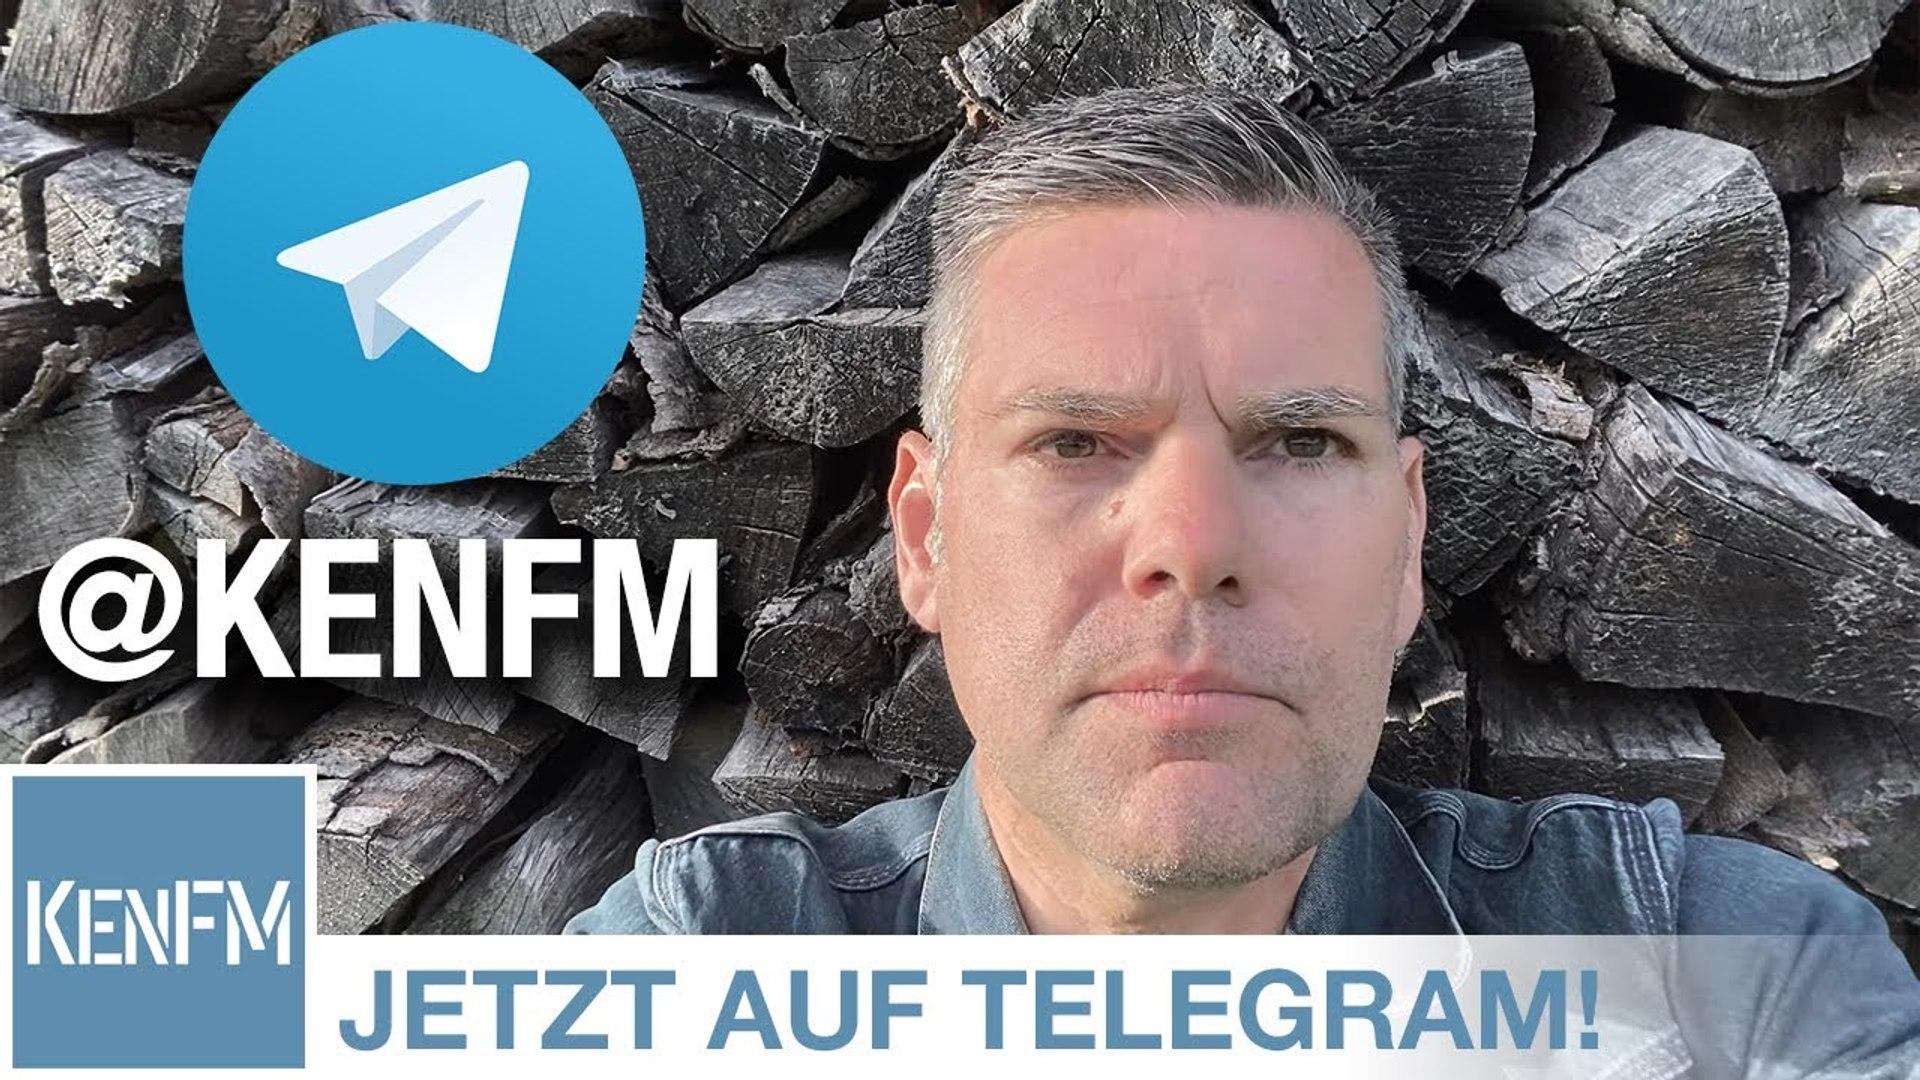 KenFM jetzt auch auf Telegram!